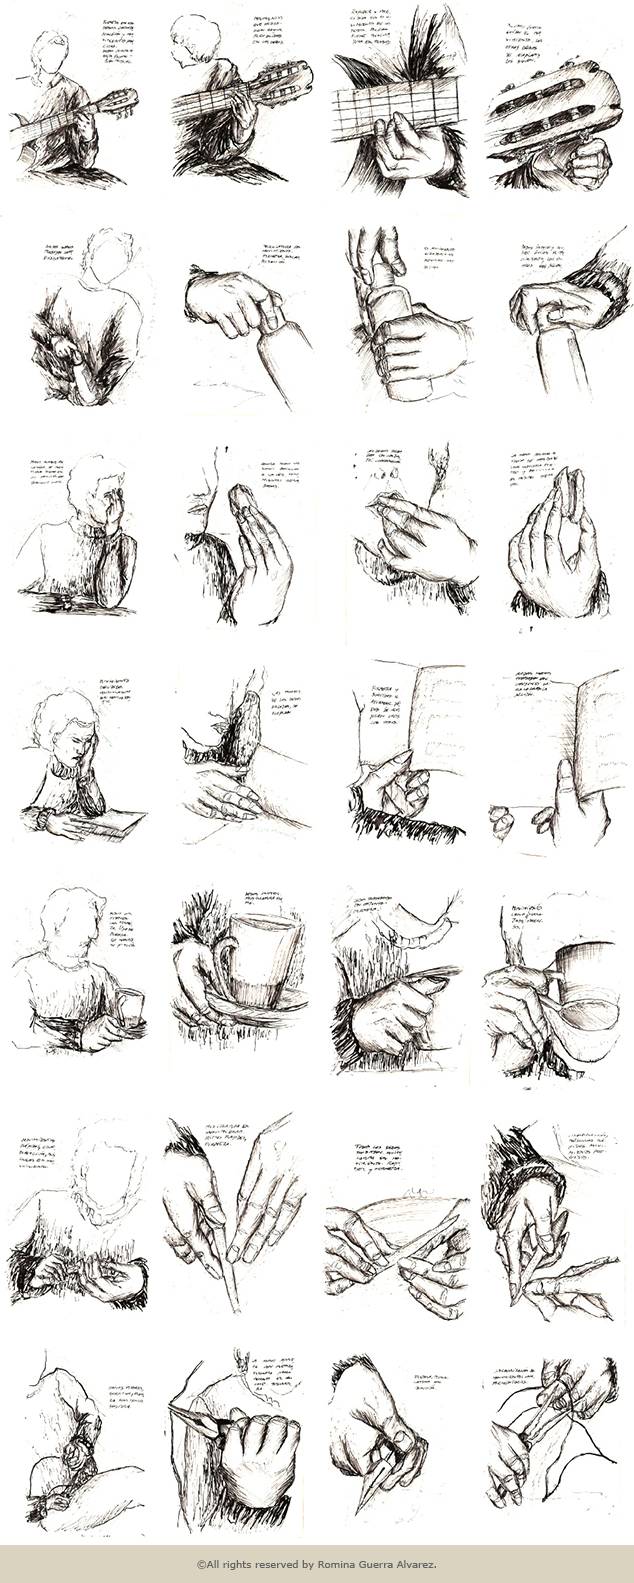 RG - Estudio manos - ©Todos los derechos reservados por Romina Guerra Alvarez.